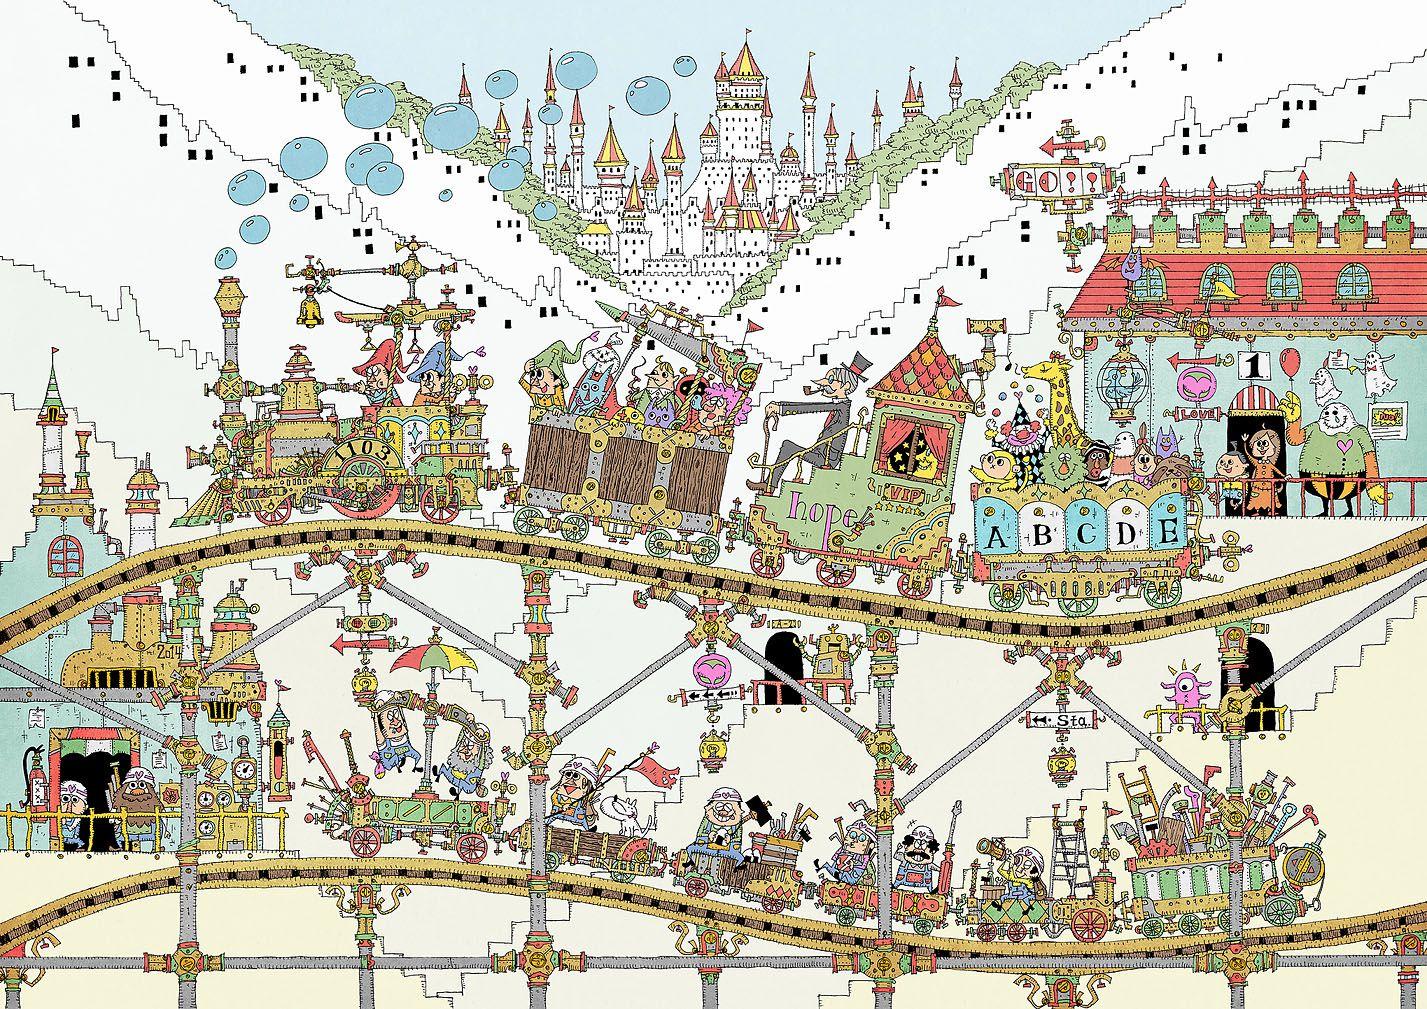 いらすと おしゃれまとめの人気アイデア pinterest しめじ 遊園地 イラスト 遊園地 空想画